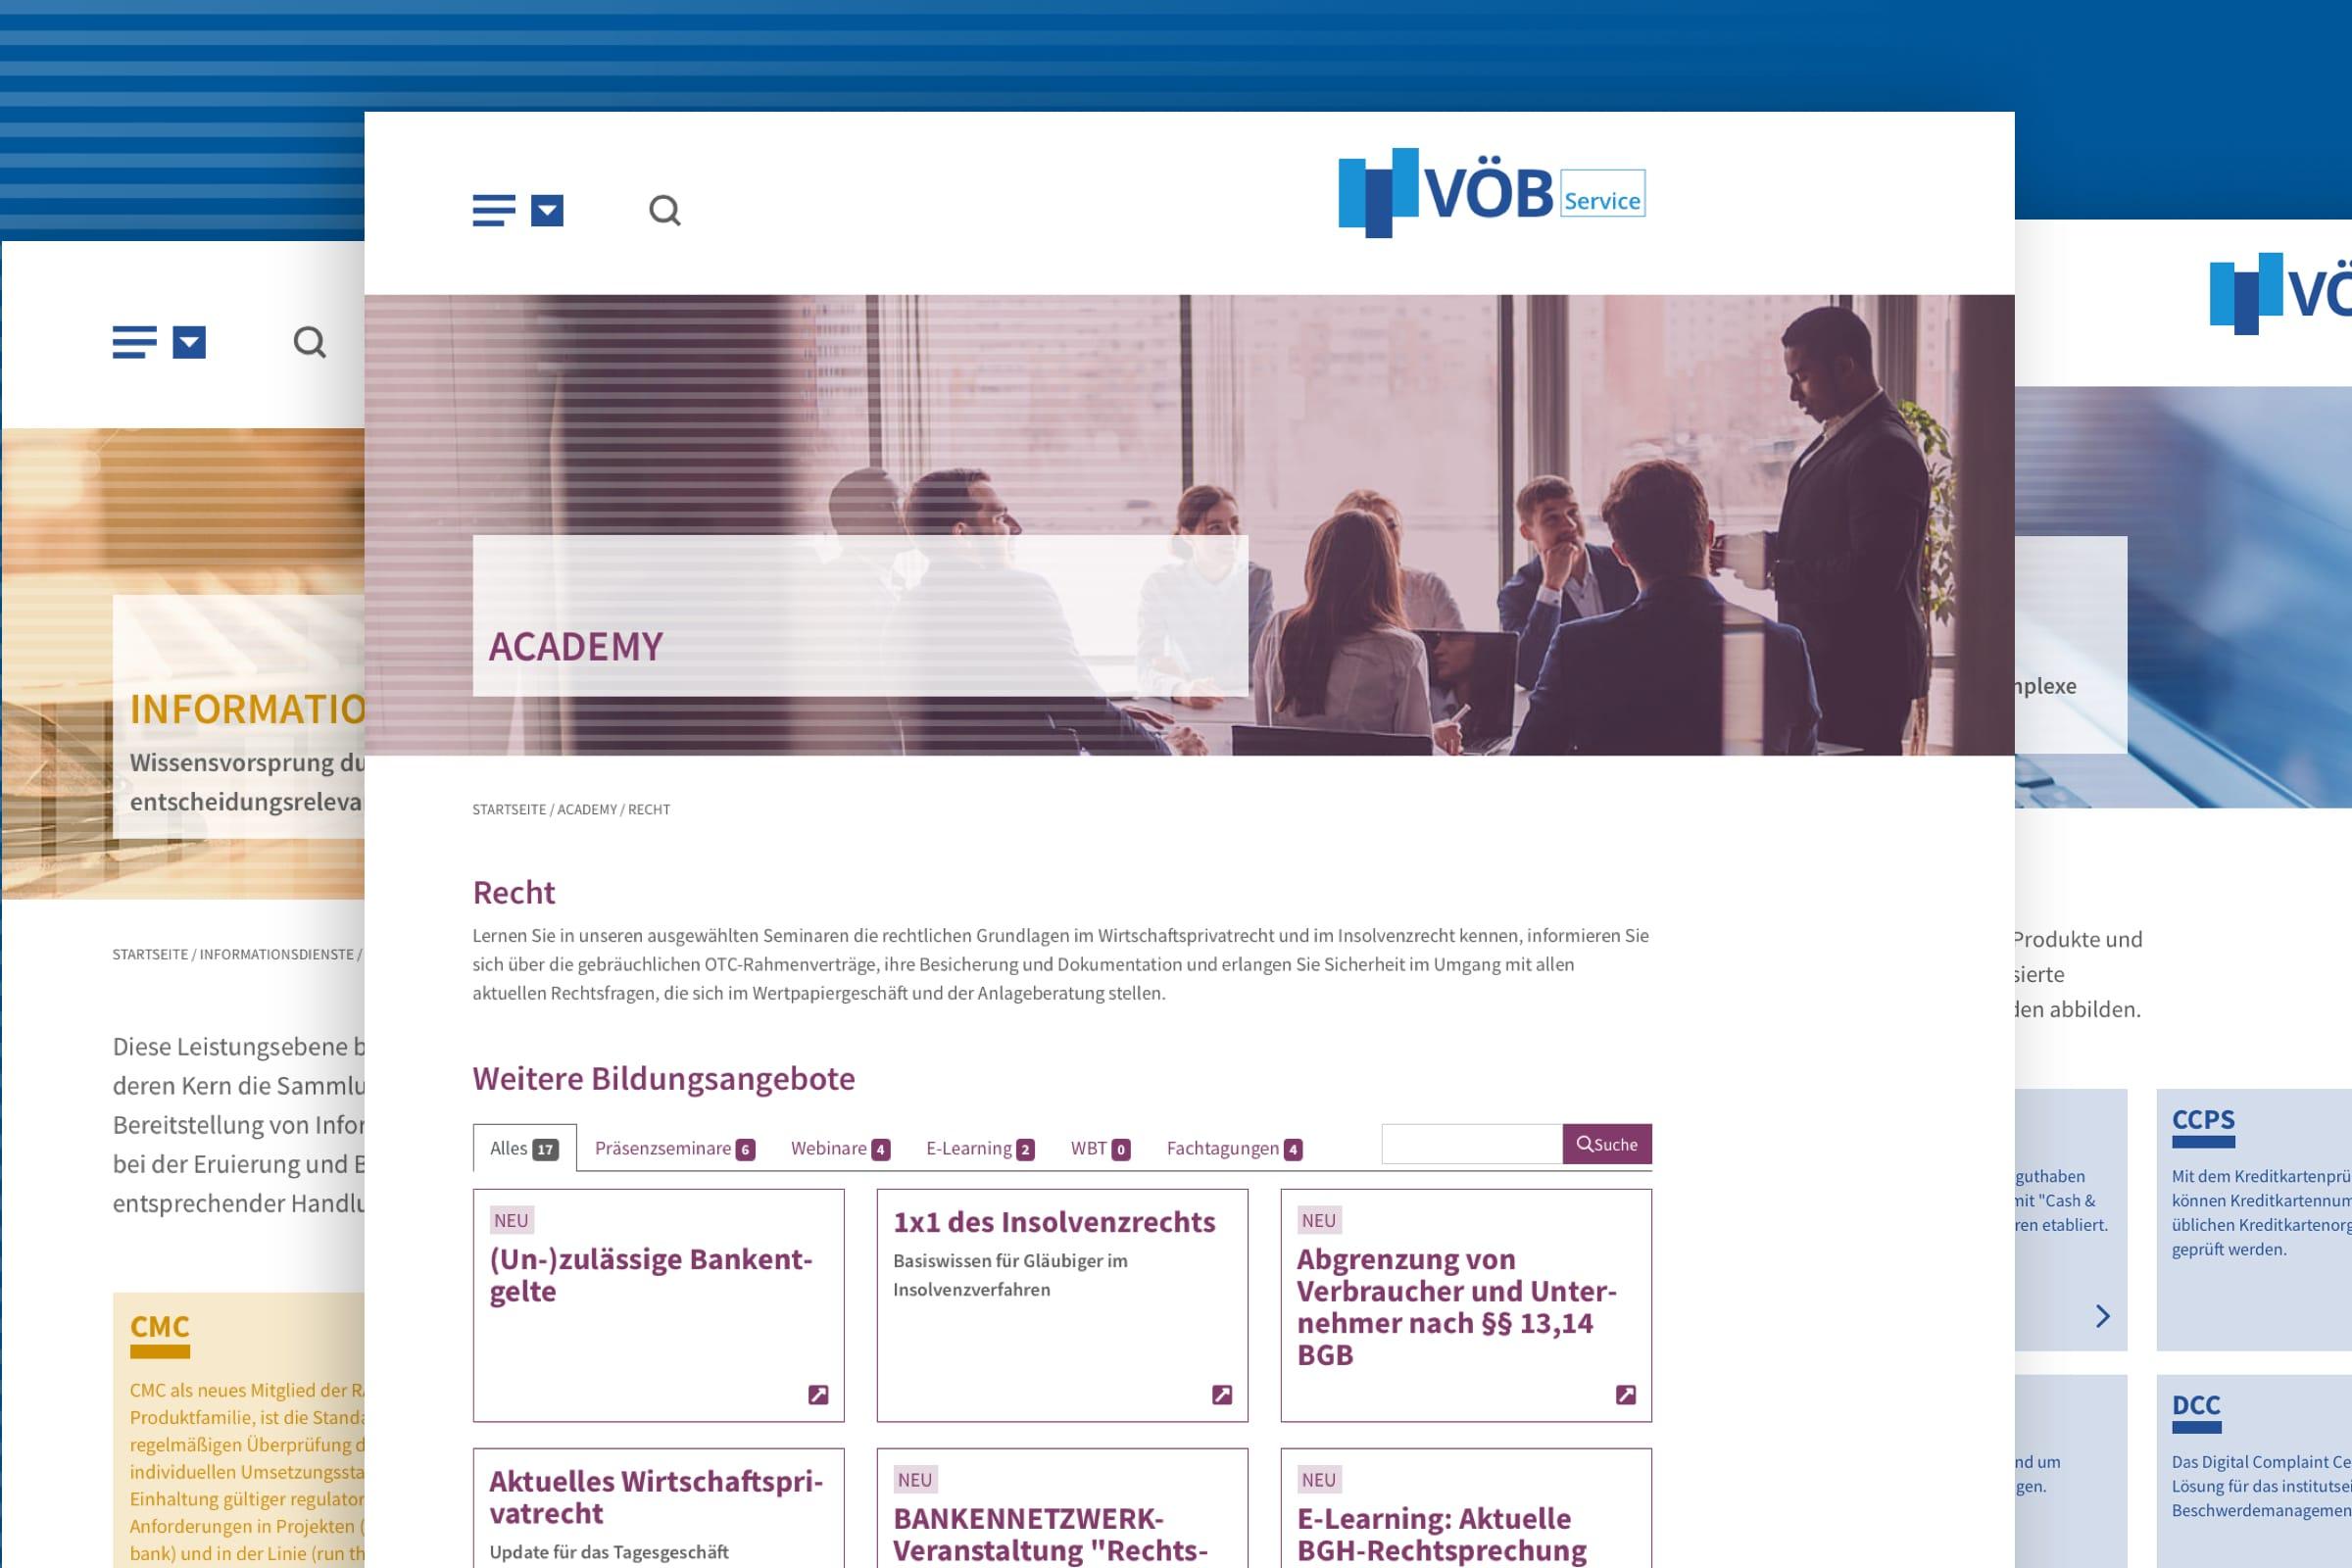 Montage vuon Folgeseiten des Internetauftritts der VÖB-Service GmbH